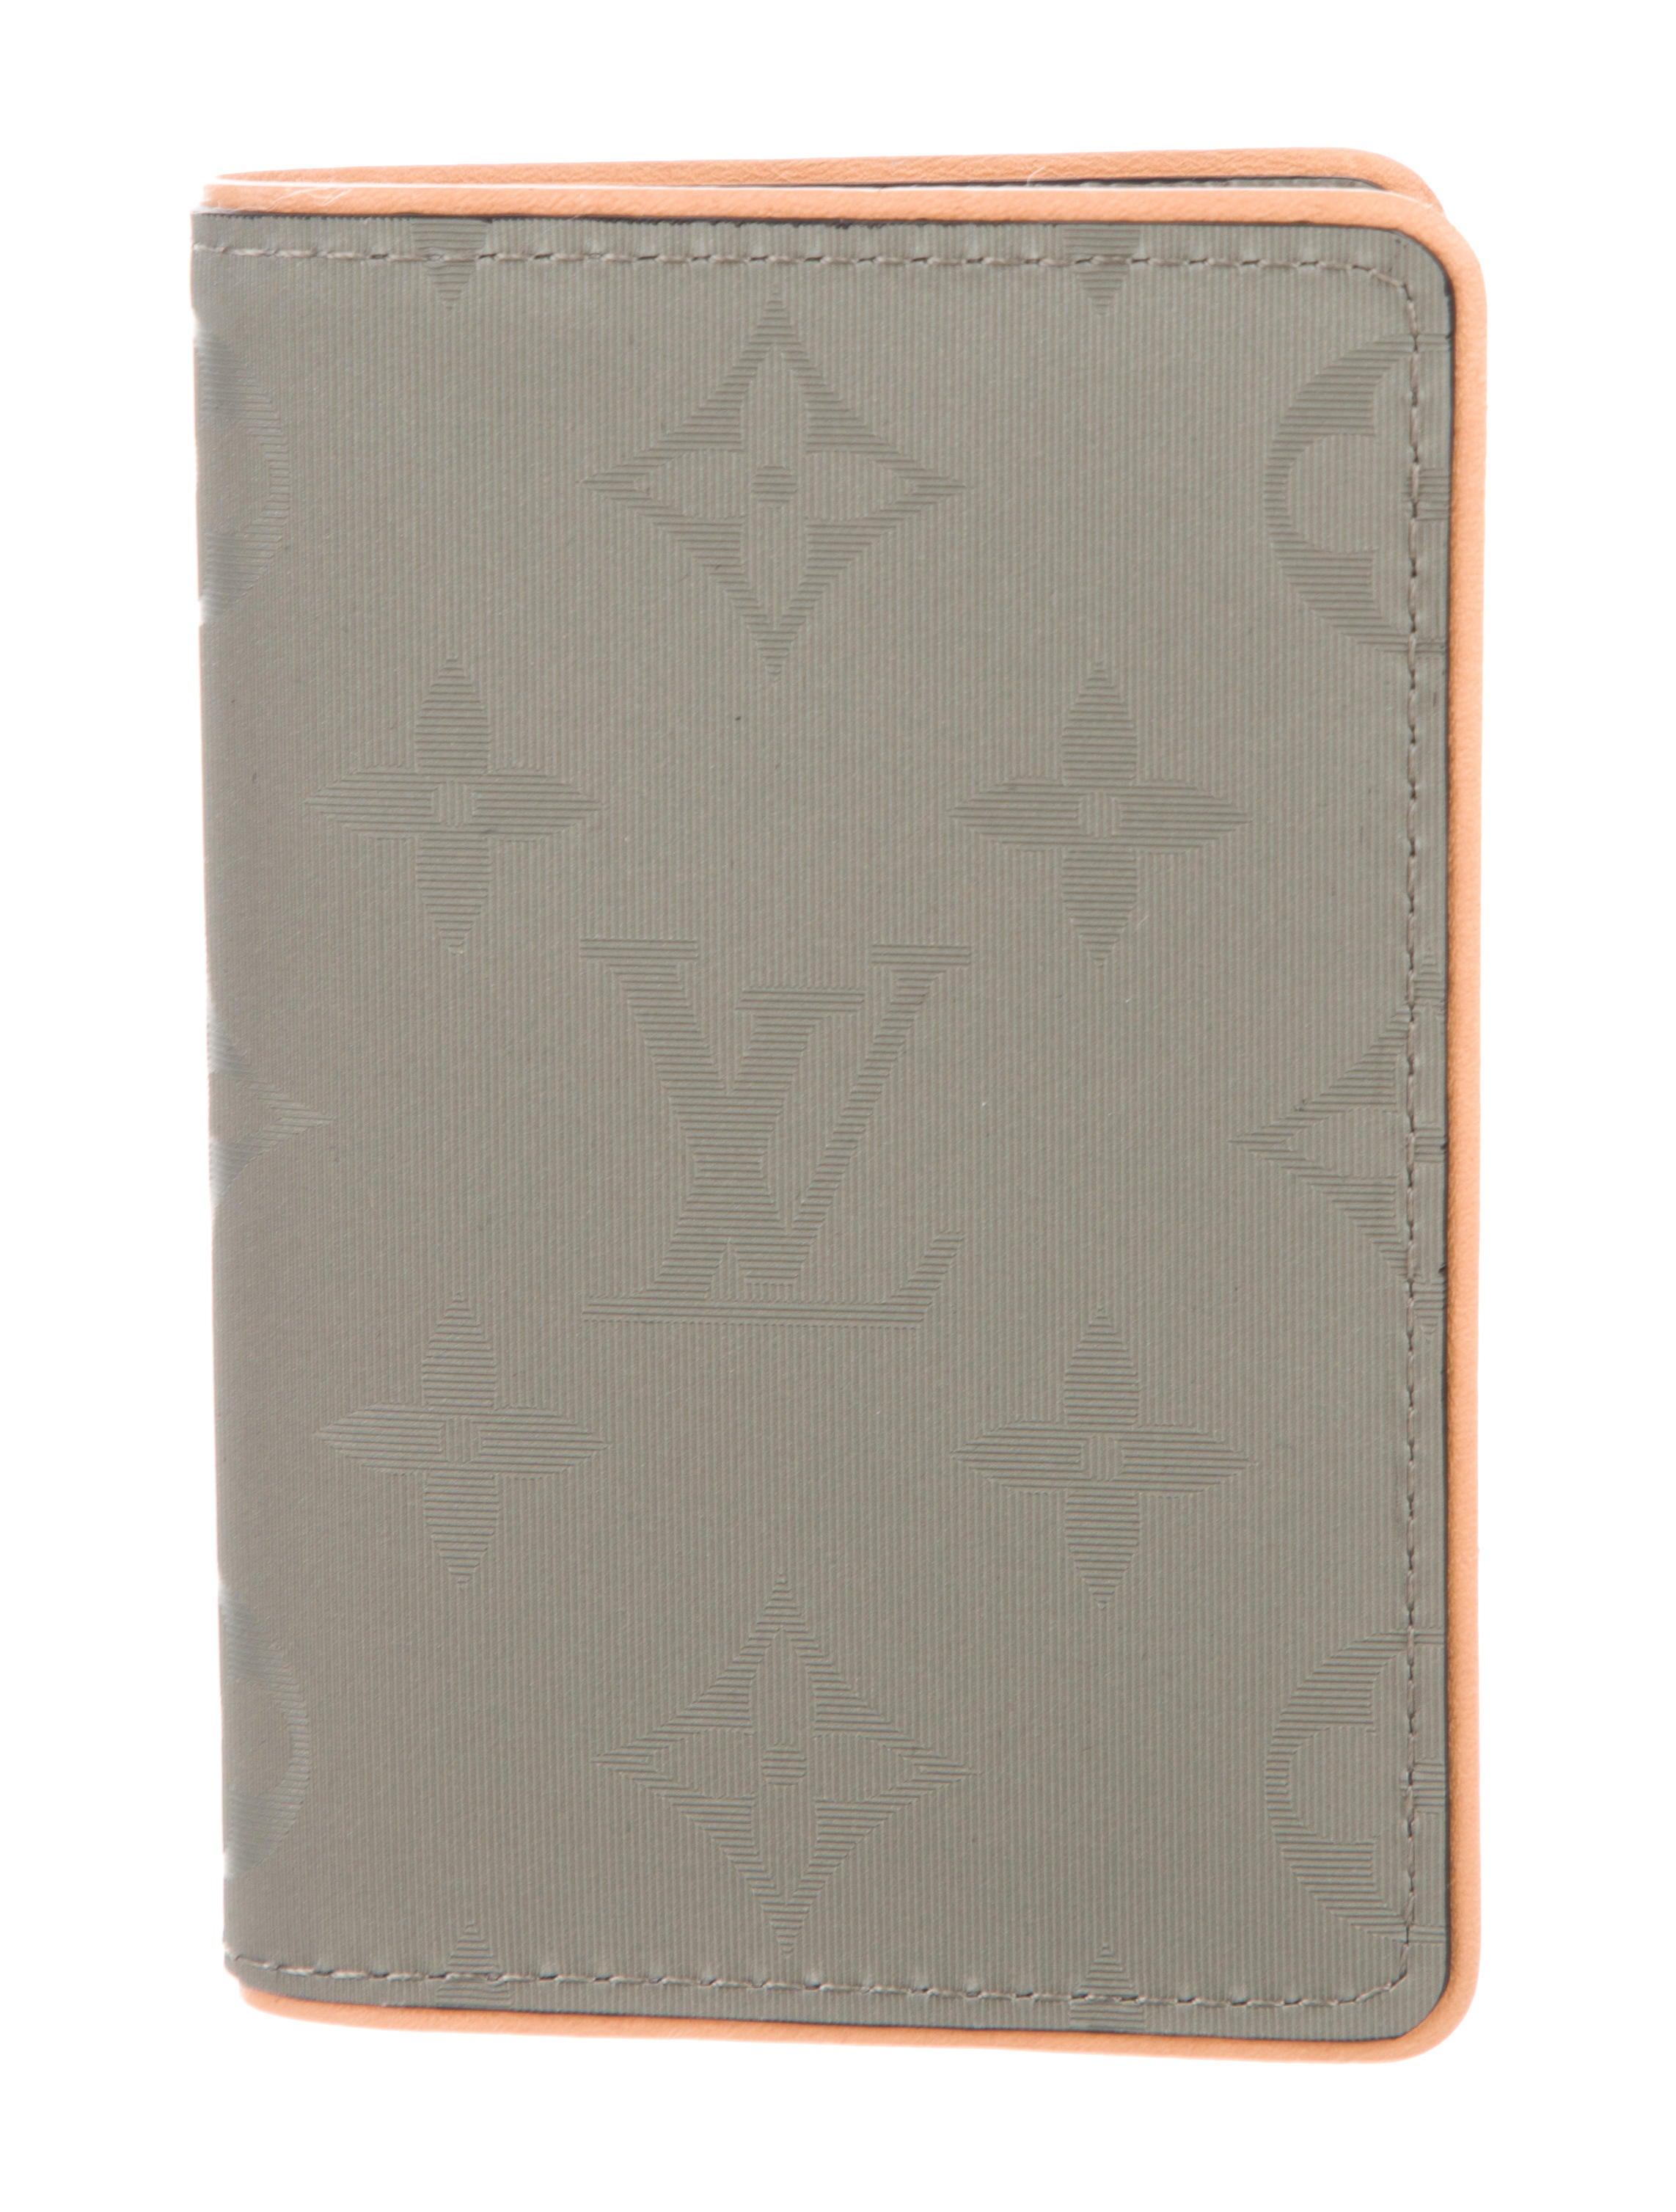 3617f4037c97 Louis Vuitton 2018 Titanium Monogram Pocket Organizer - Accessories ...